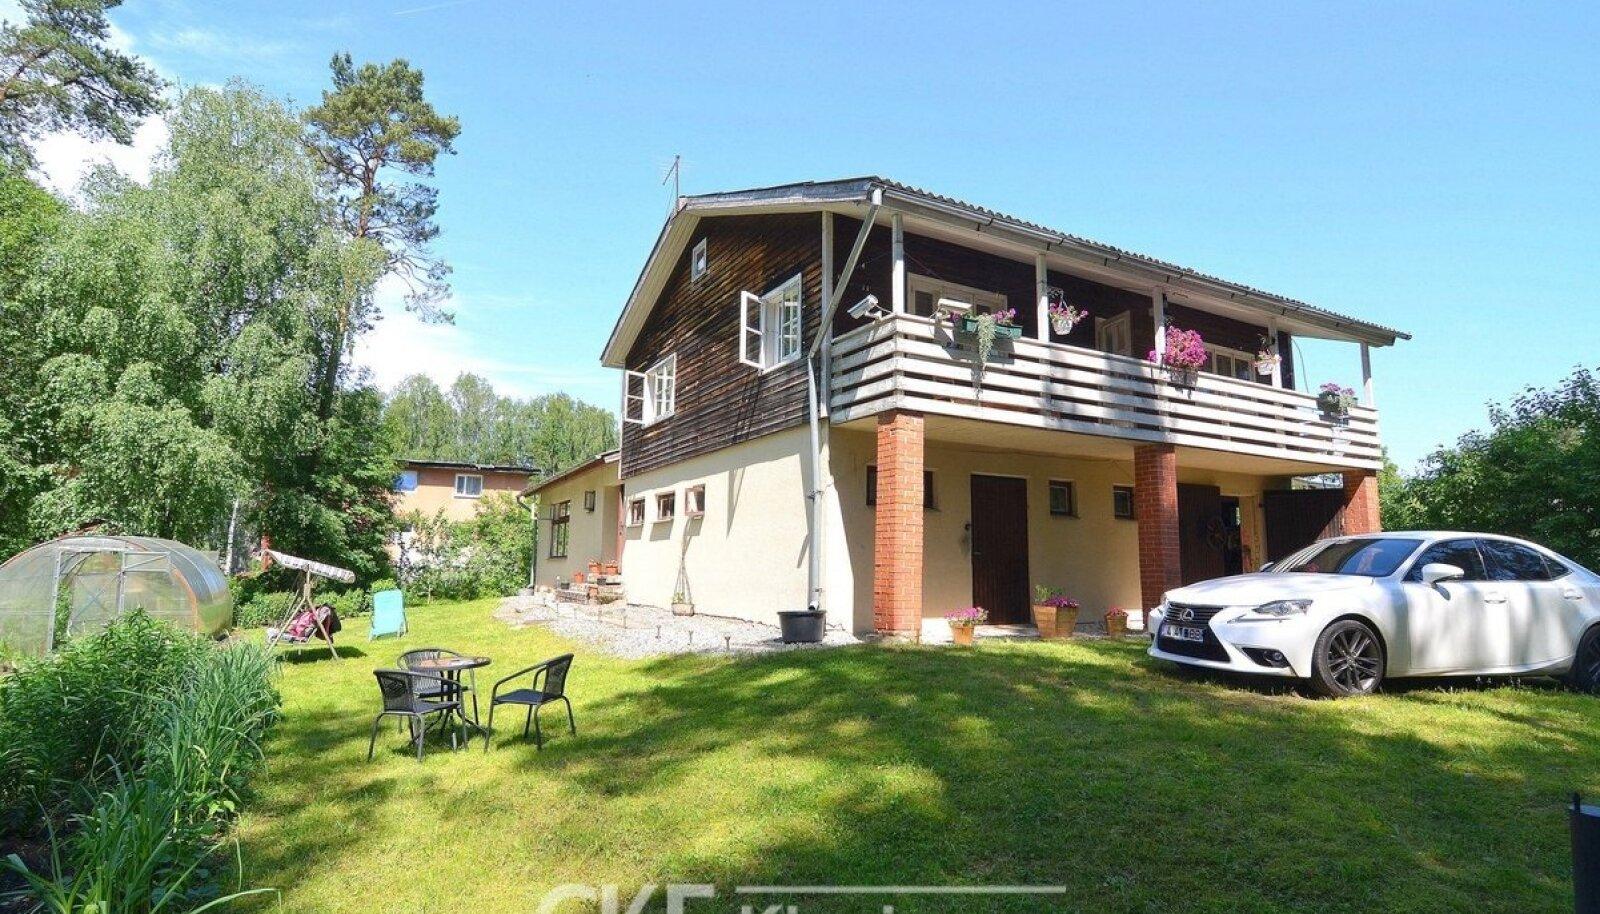 Maja Võrumaal Rõuges, ehitusaasta 1996, 199,5 m², 2 korrust, 5 tuba – 89 990 eurot (451 €/m²). Kahe näiliselt sarnaste parameetritega maja hinnavahe on üle nelja korra, ruutmeetri maksumus on Võrumaa majal 2,7 korda madalam.